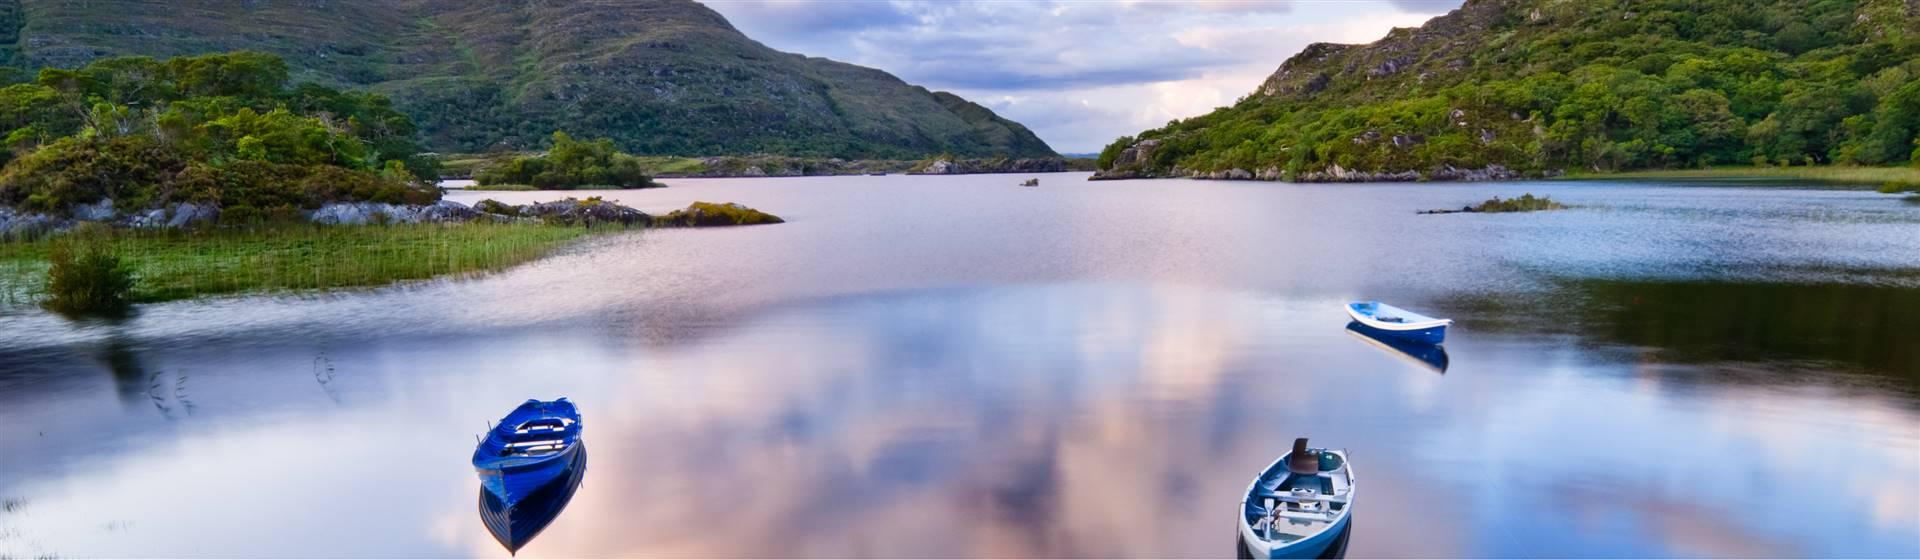 Killarney, Kerry & The Beara Peninsula